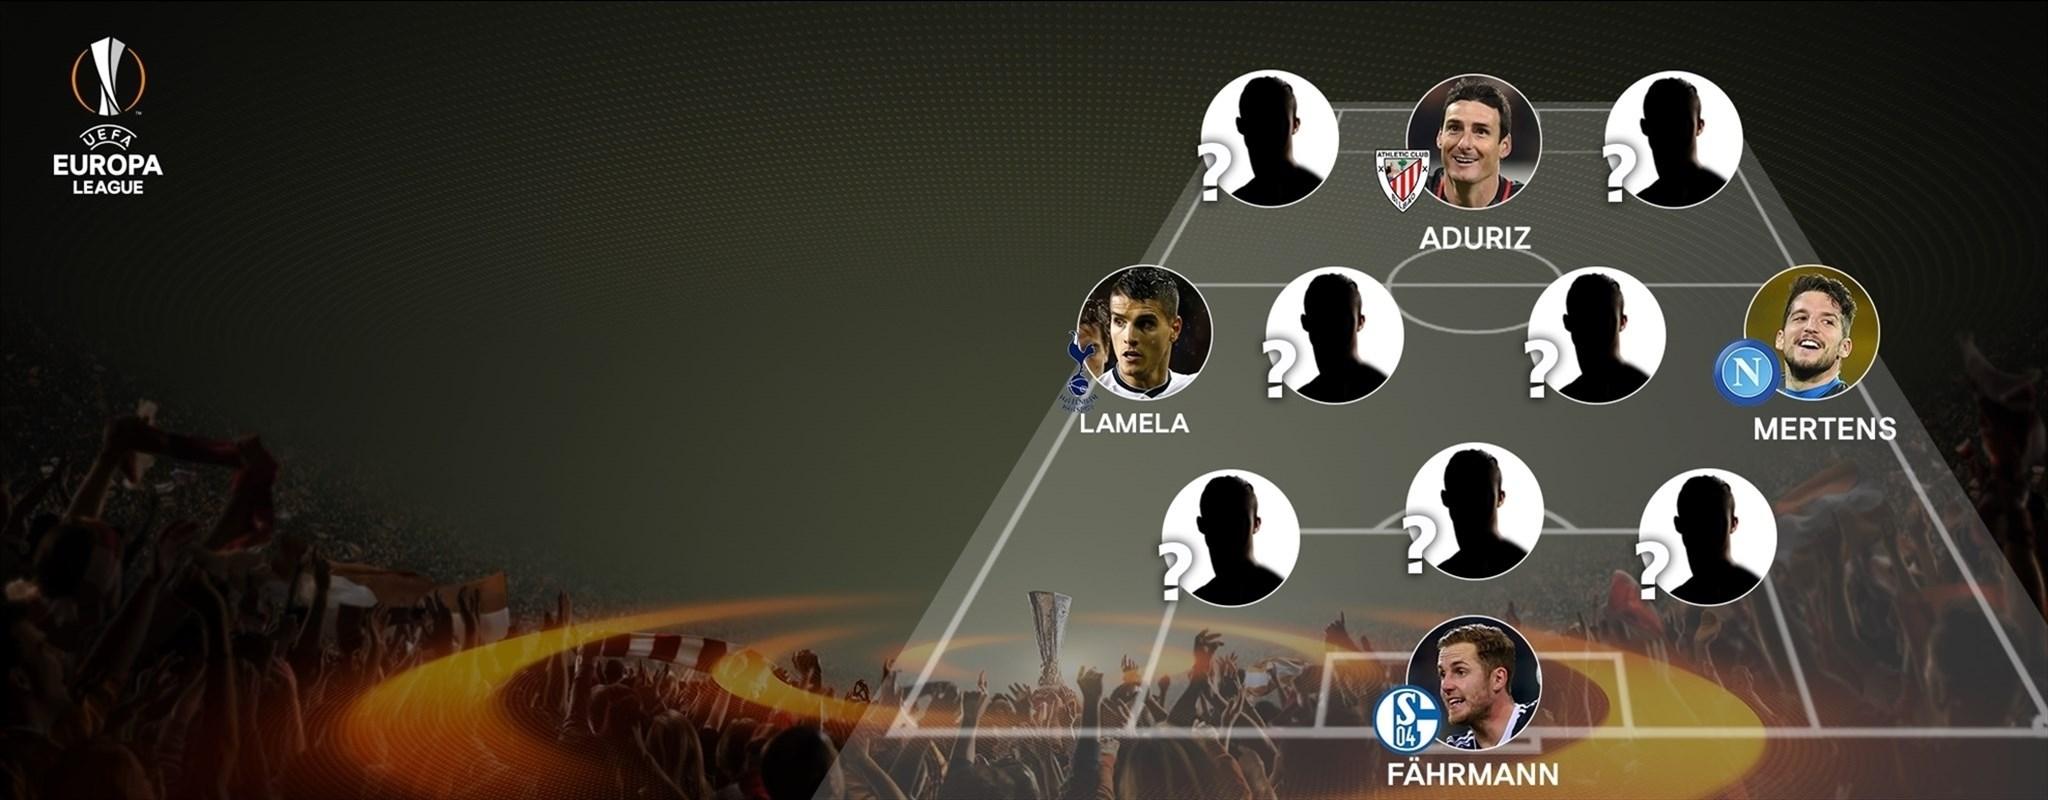 L'UEFA dévoile l'équipe type de la Ligue Europa